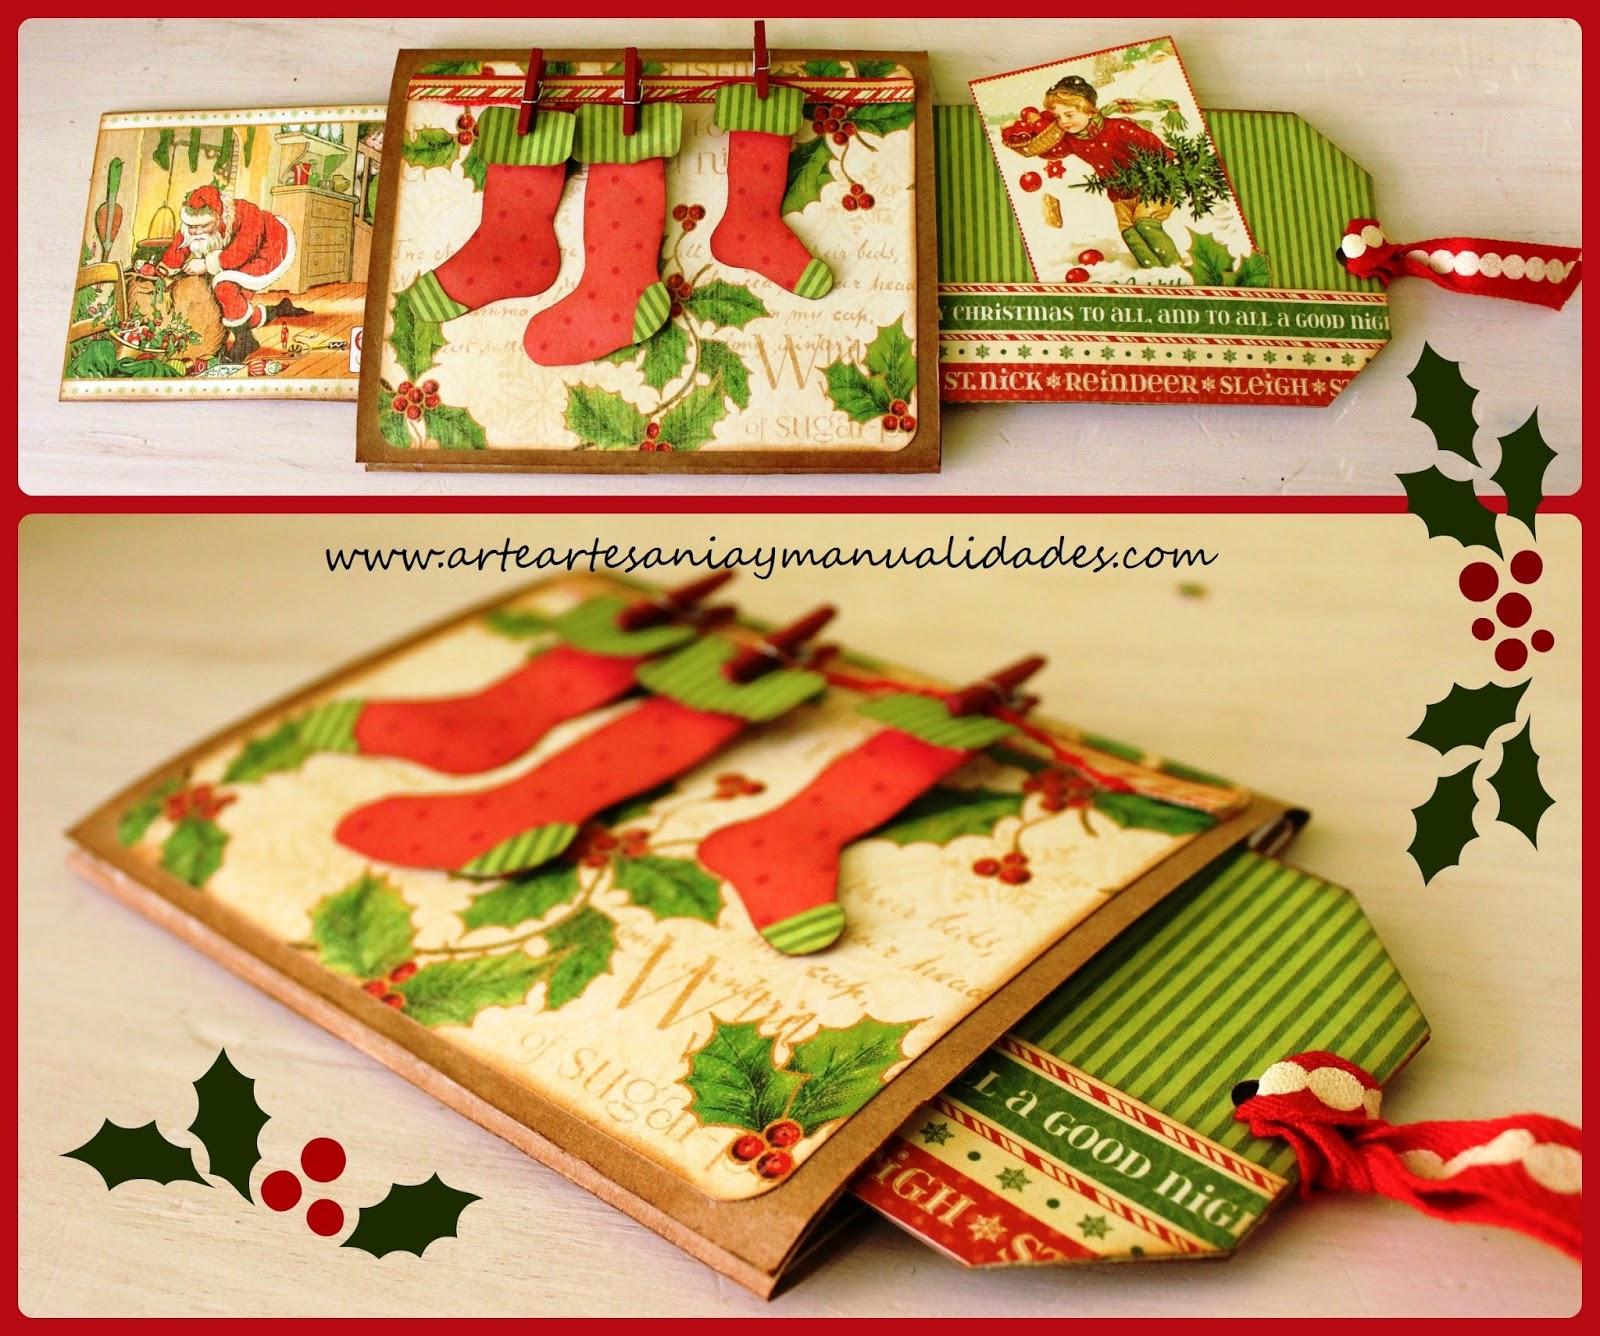 Arte artesania y manualidades tarjeta deslizante - Tarjeta de navidad manualidades ...